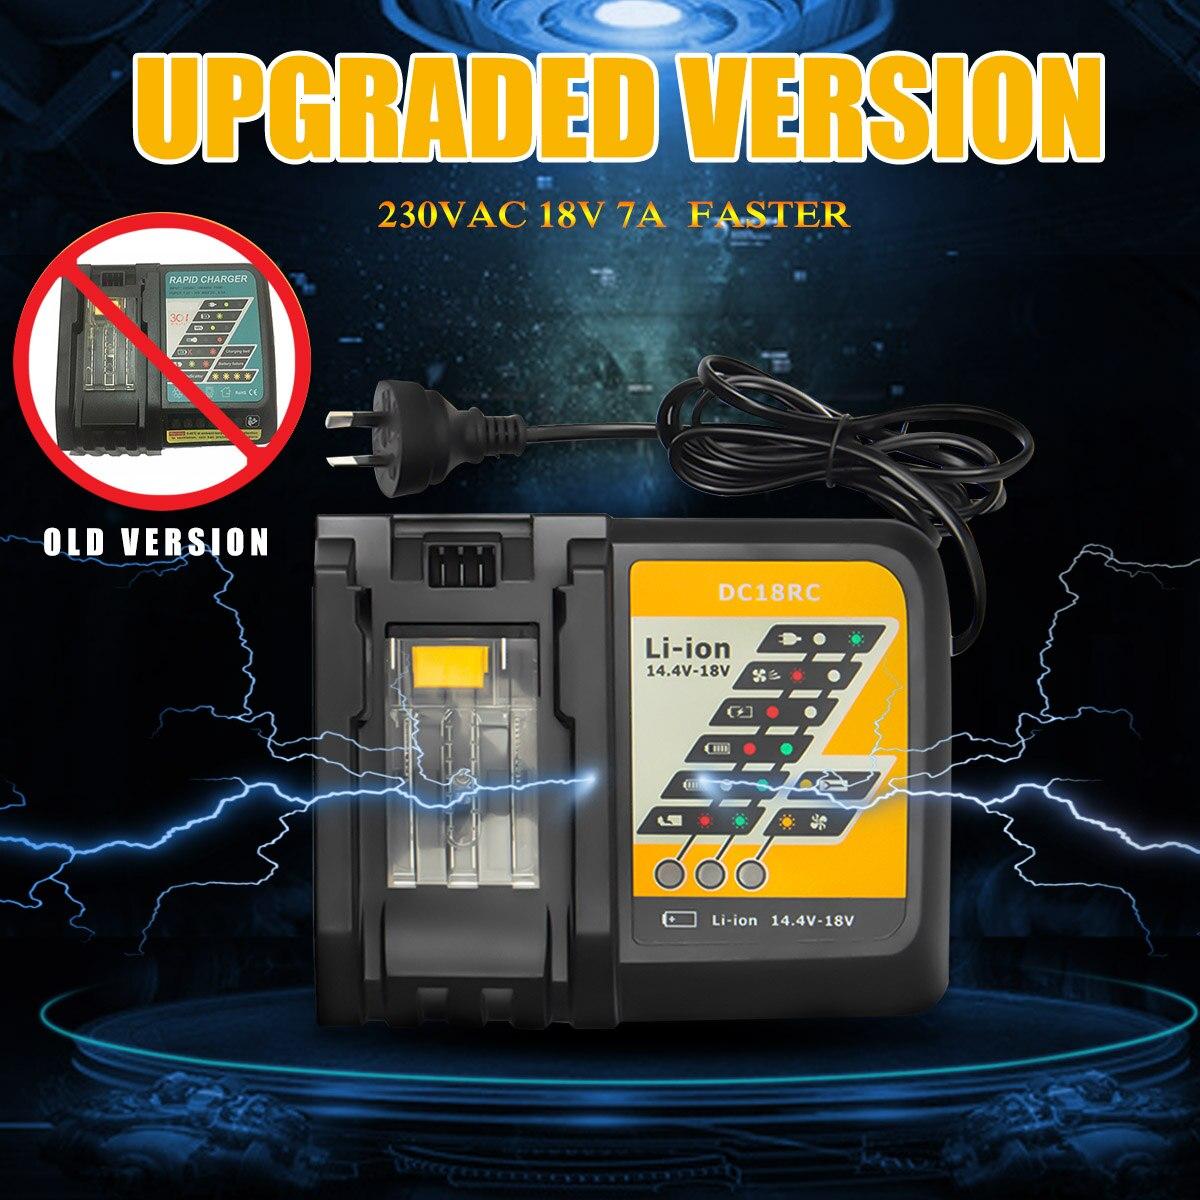 DC18RC Li-ion chargeur de batterie 7A courant de charge pour Makita 14.4 V 18 V BL1830 BL1840 outil de remplacement